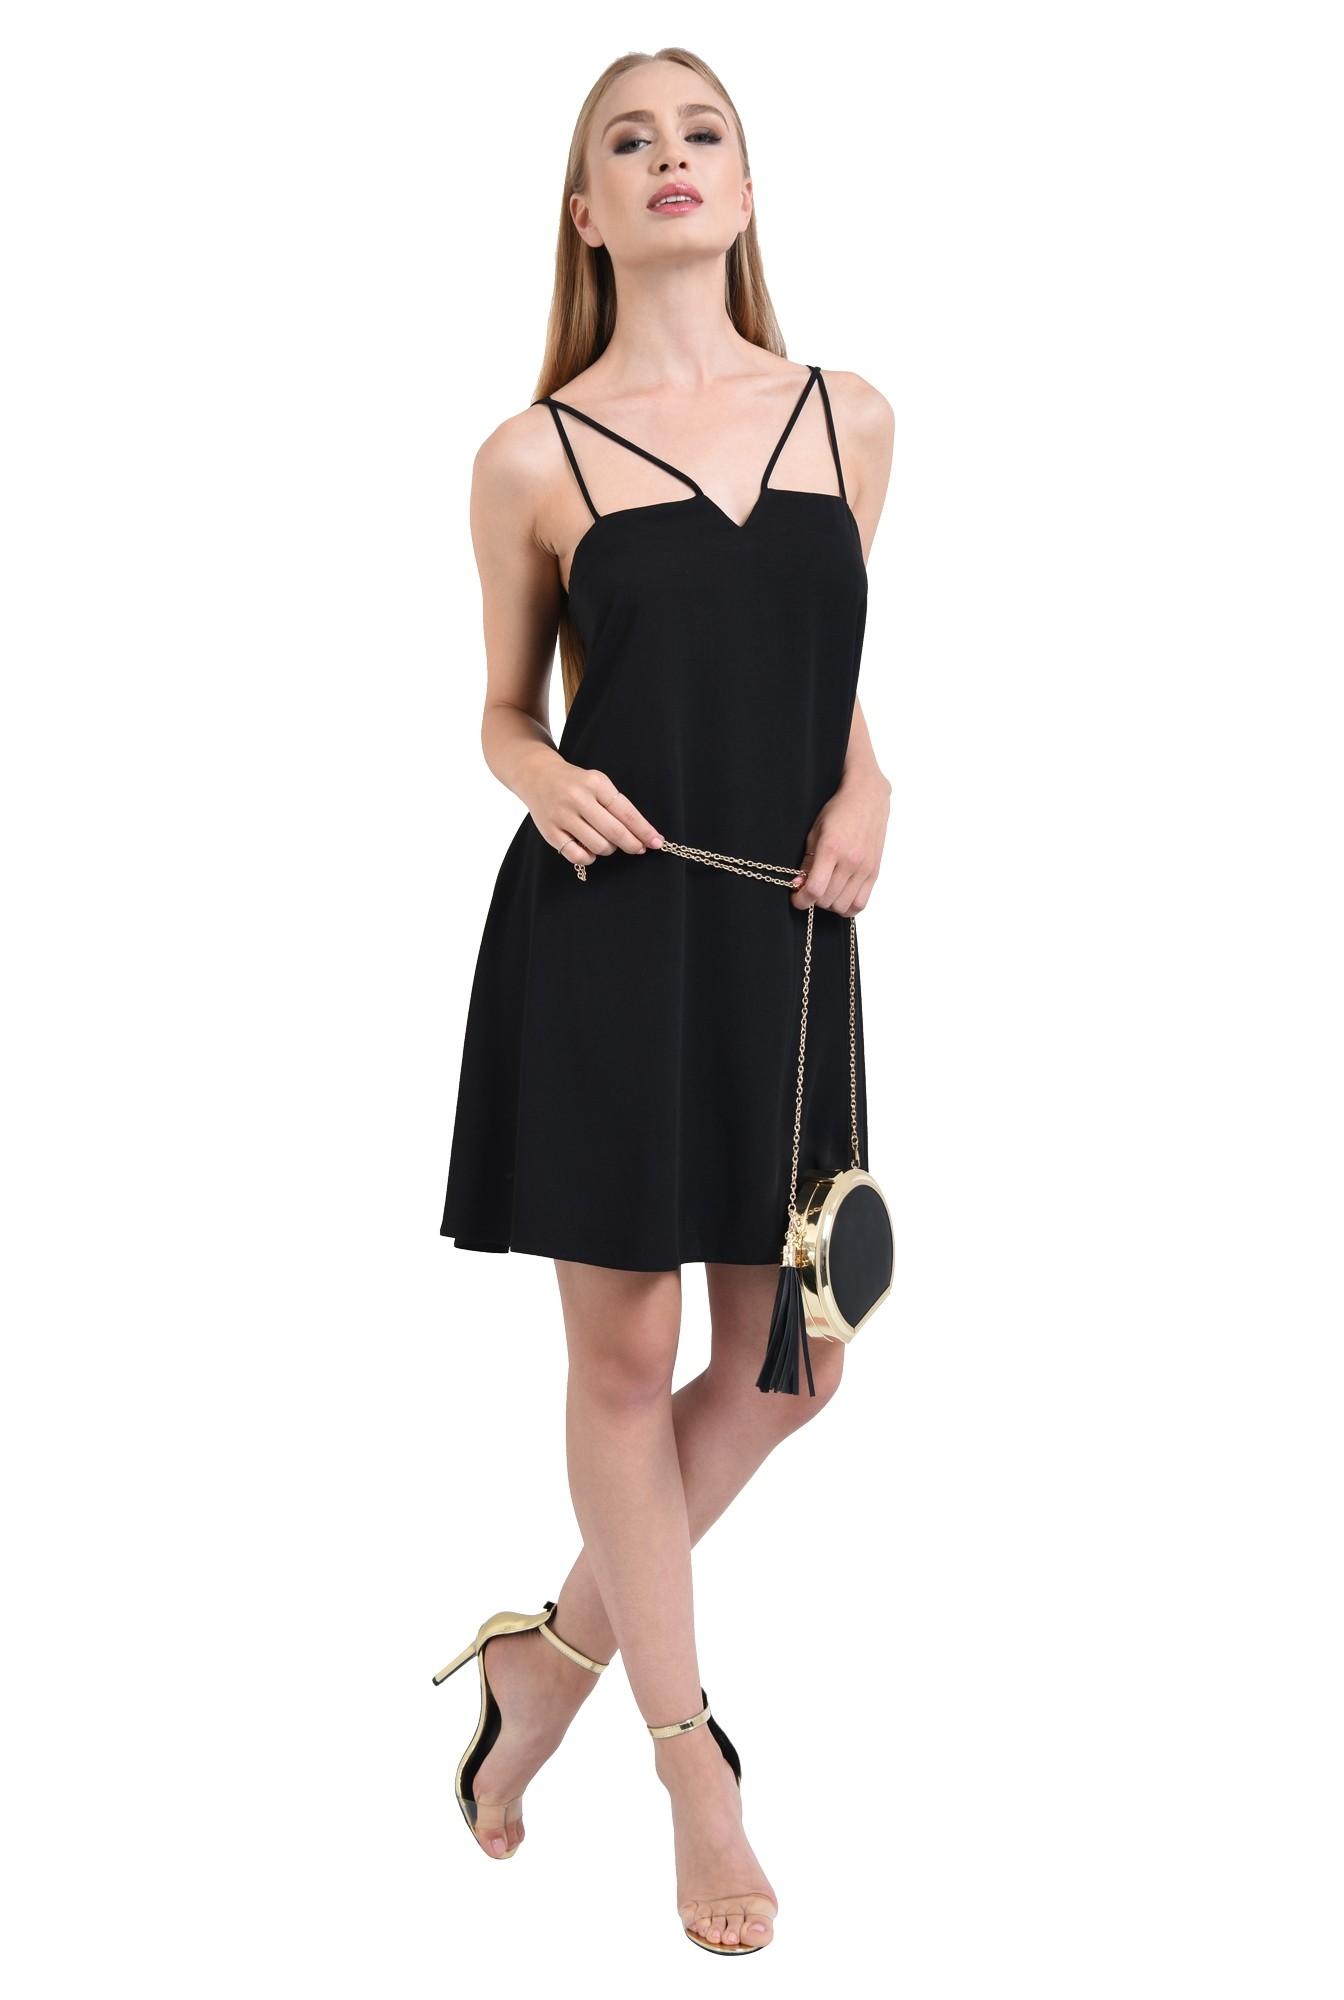 0 - rochie eleganta, scurta, evazata, neagra